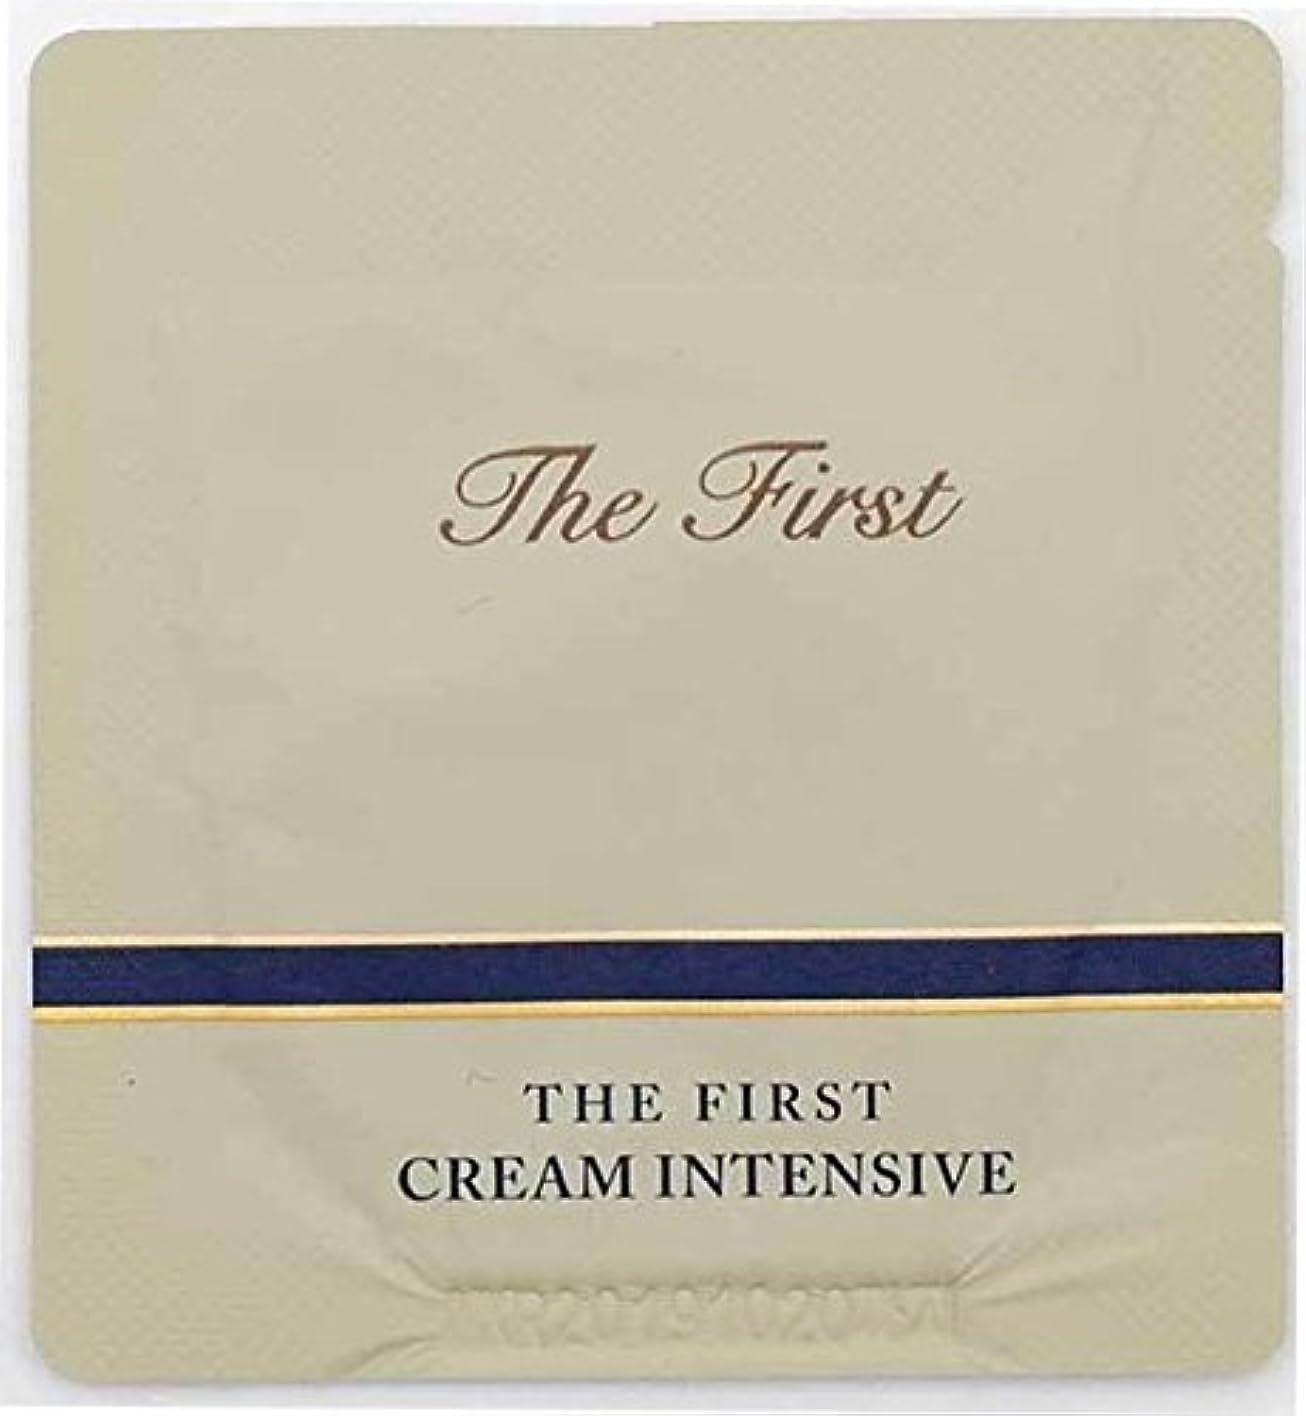 俳句振動する解放[サンプル] OHUI The First Cream intensive 1ml × 30ea/オフィ ザ ファースト クリーム インテンシブ 1ml × 30個